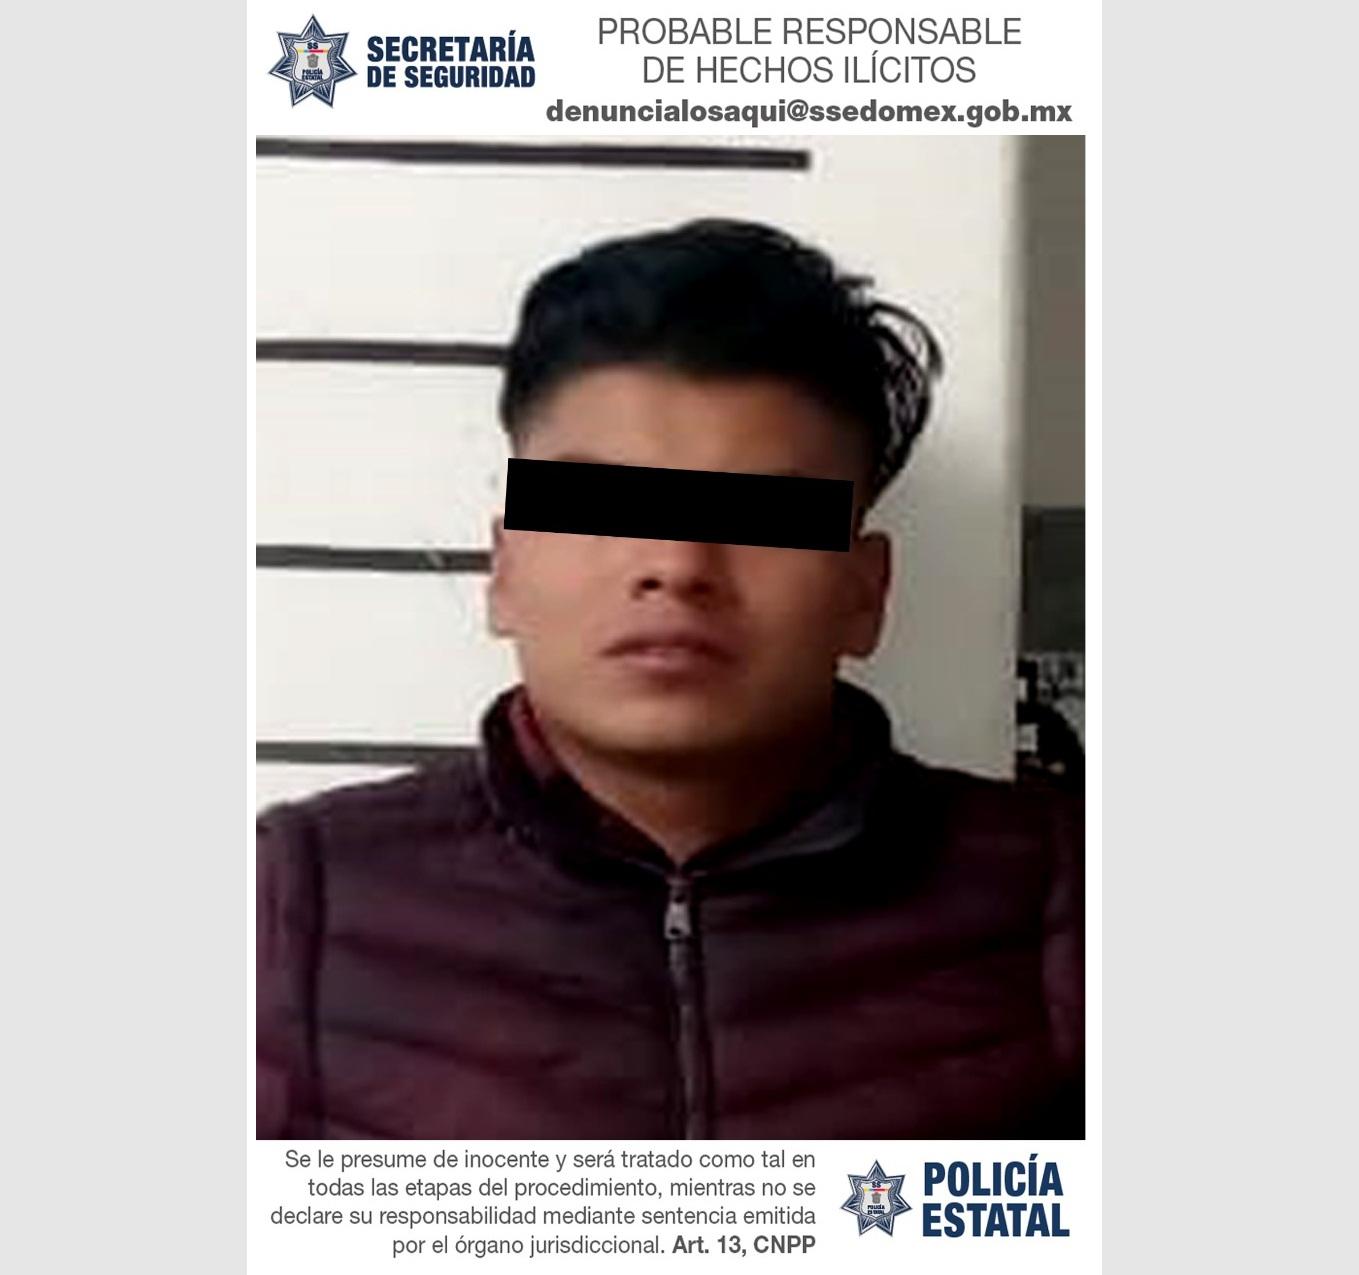 DETIENEN A SUJETO POR EL DELITO DE PORTACIÓN ILEGAL DE ARMA DE FUEGO